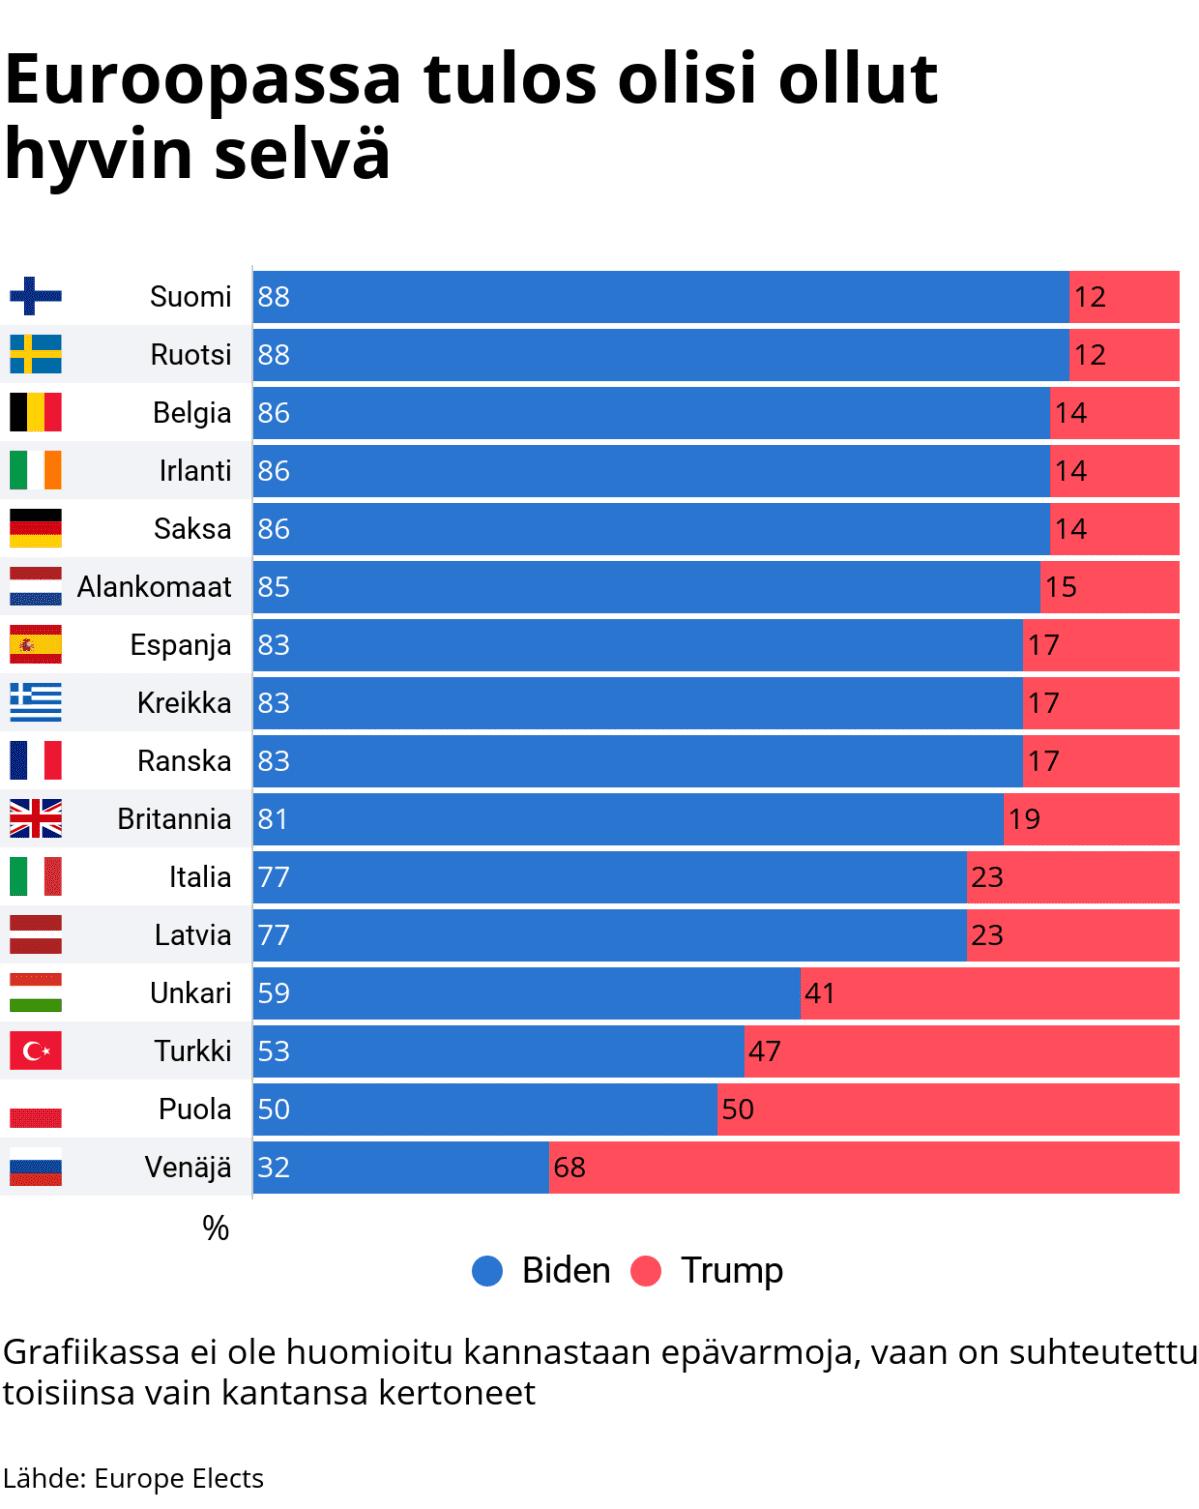 Tilastografiikka siitä, miten Euroopan maissa äänestettäisiin Yhdysvaltojen presidentinvaaleissa.